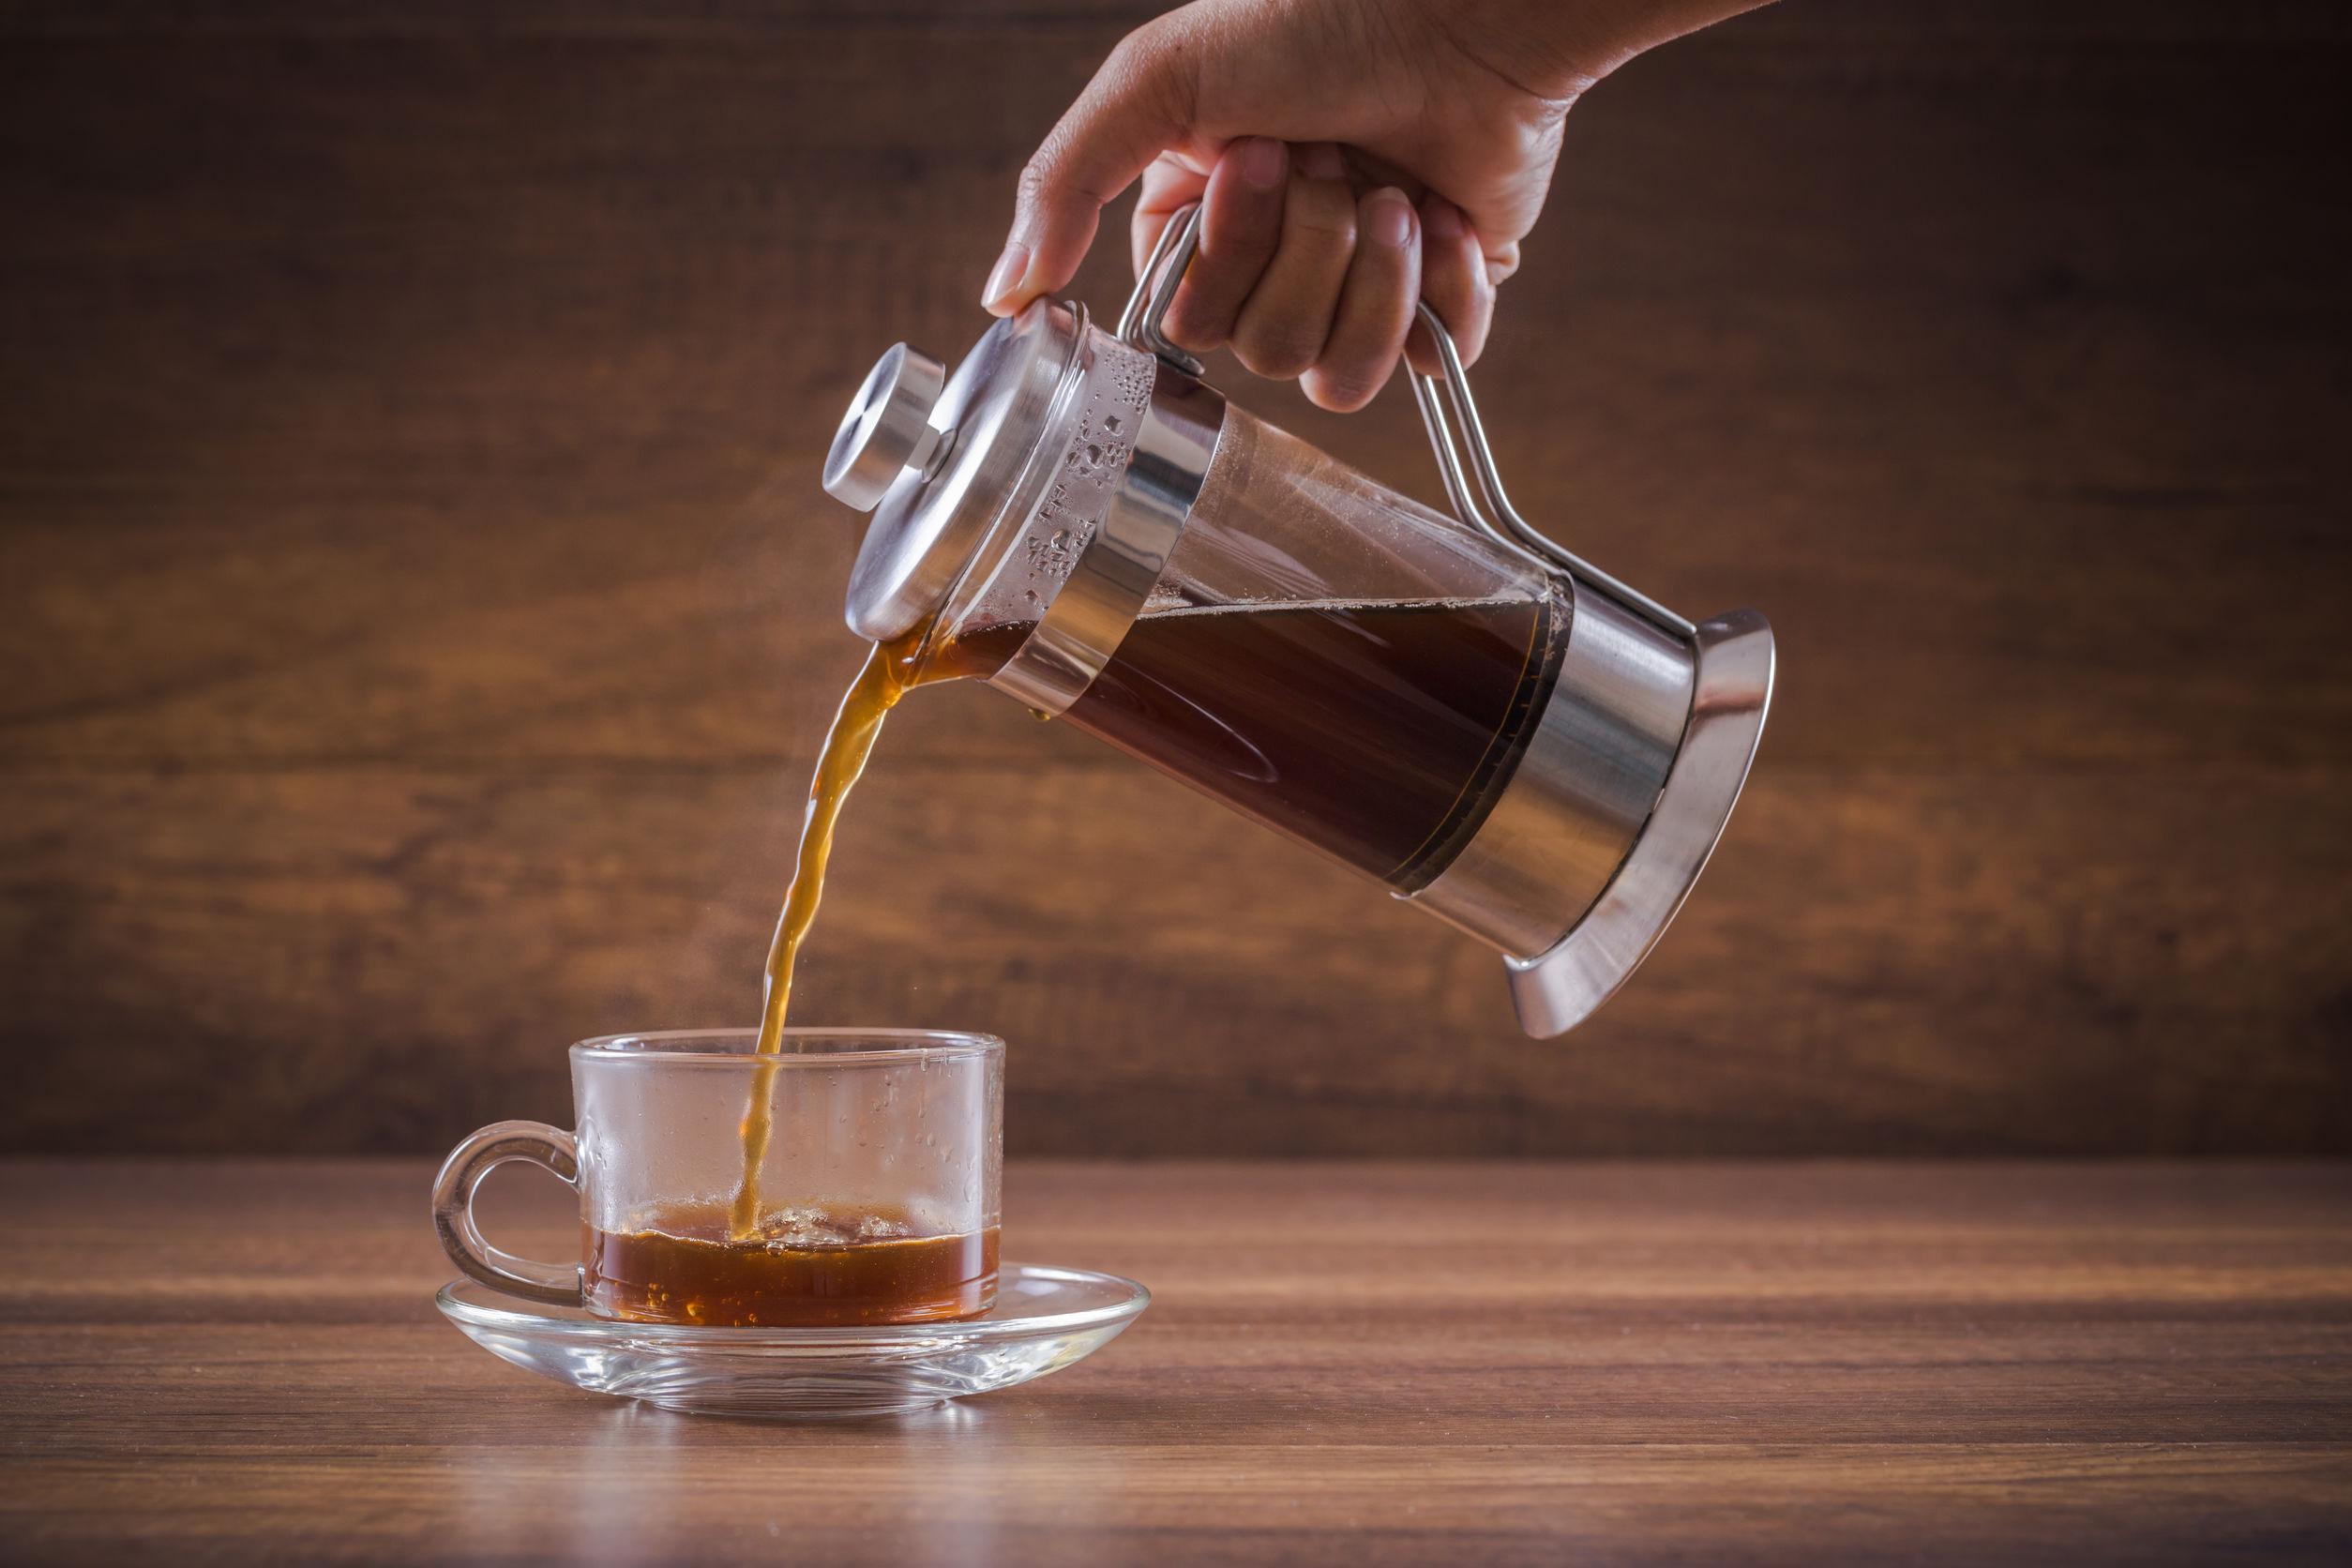 Imagen de persona sirviendo café